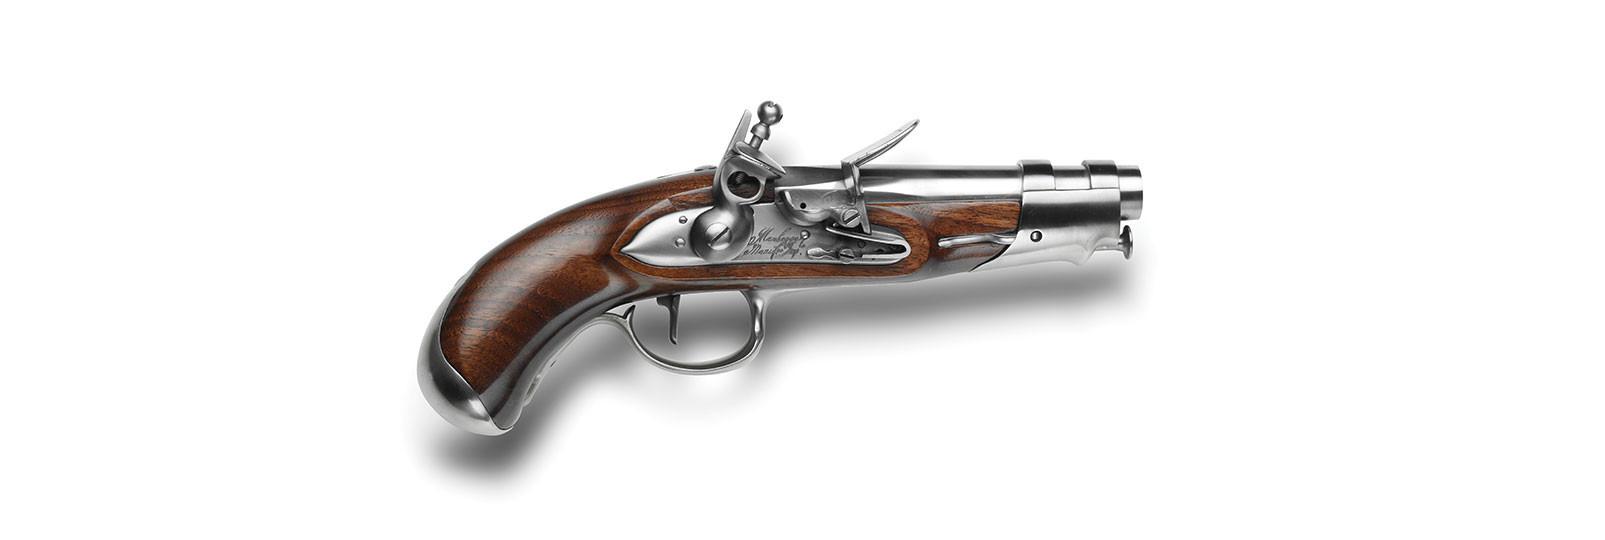 An IX De Gendarmerie Pistol